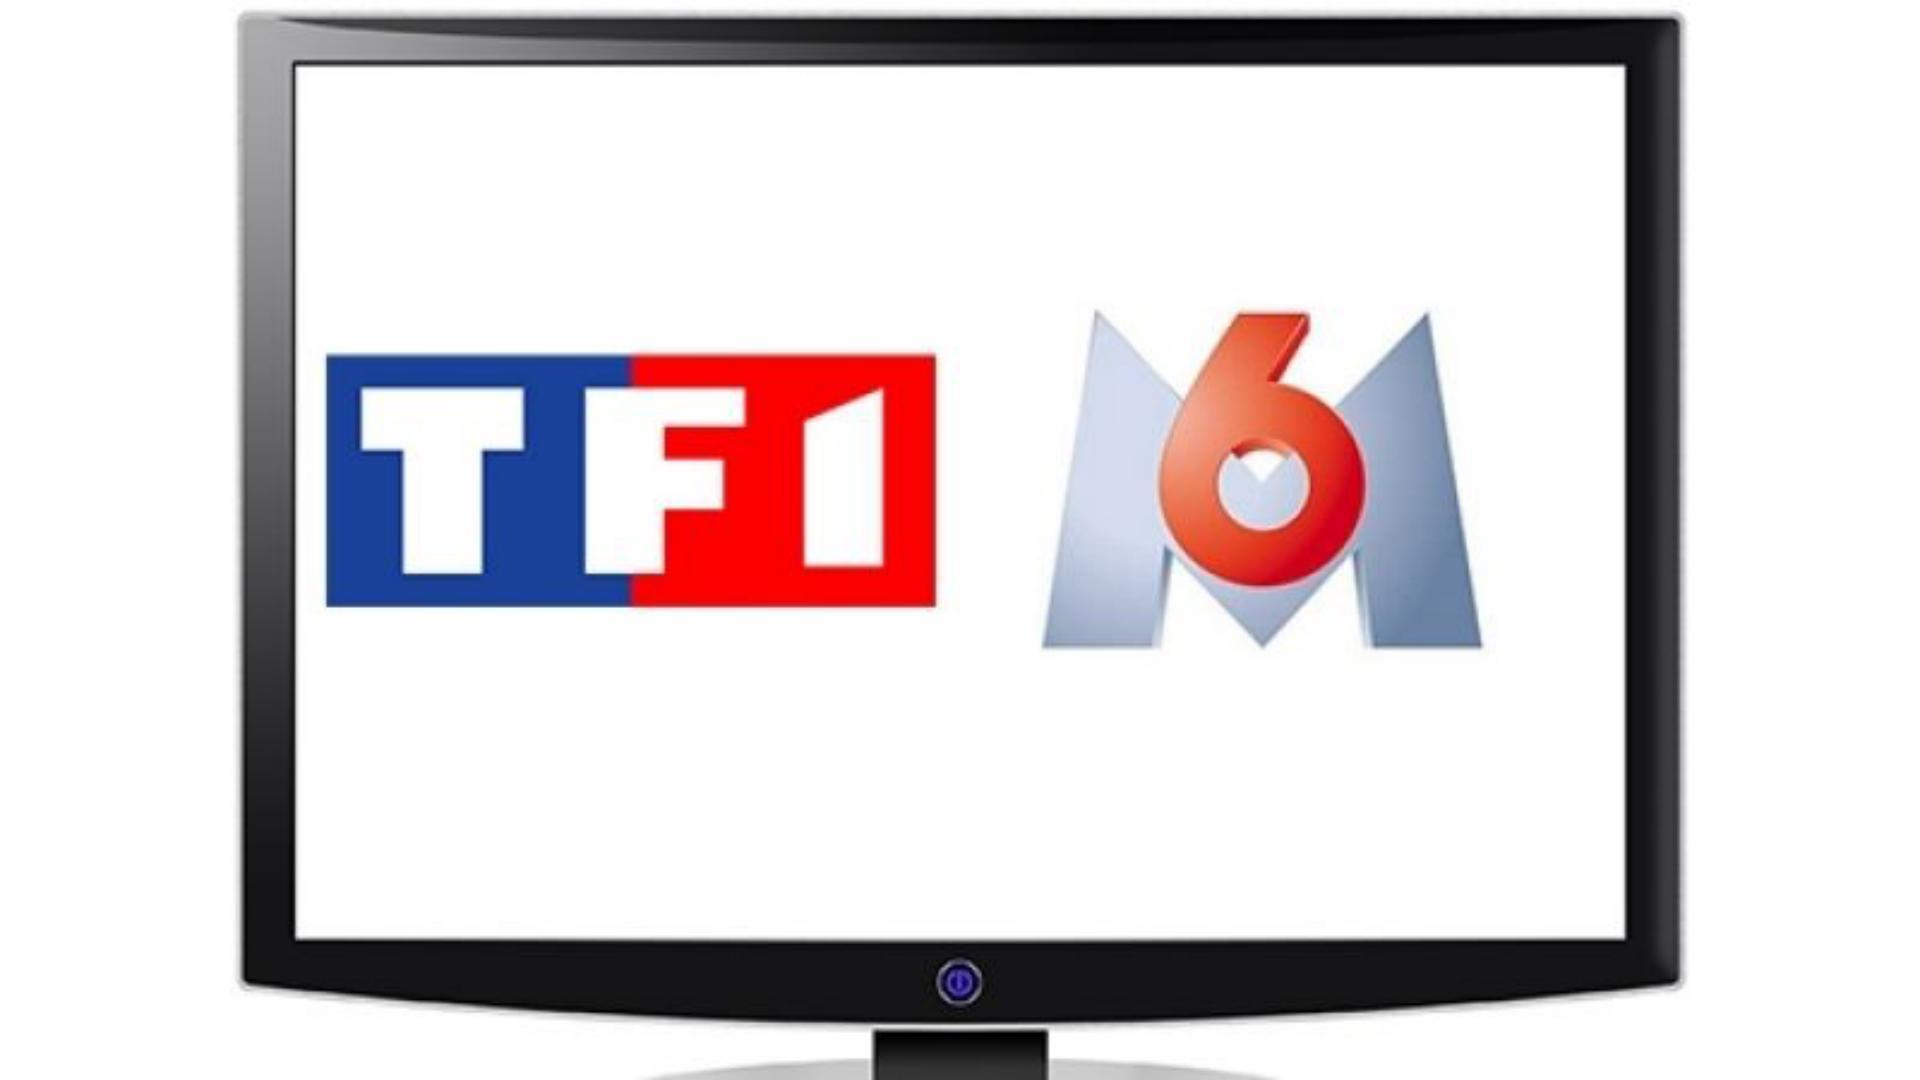 France : Vers une fusion entre les groupes TF1 et M6